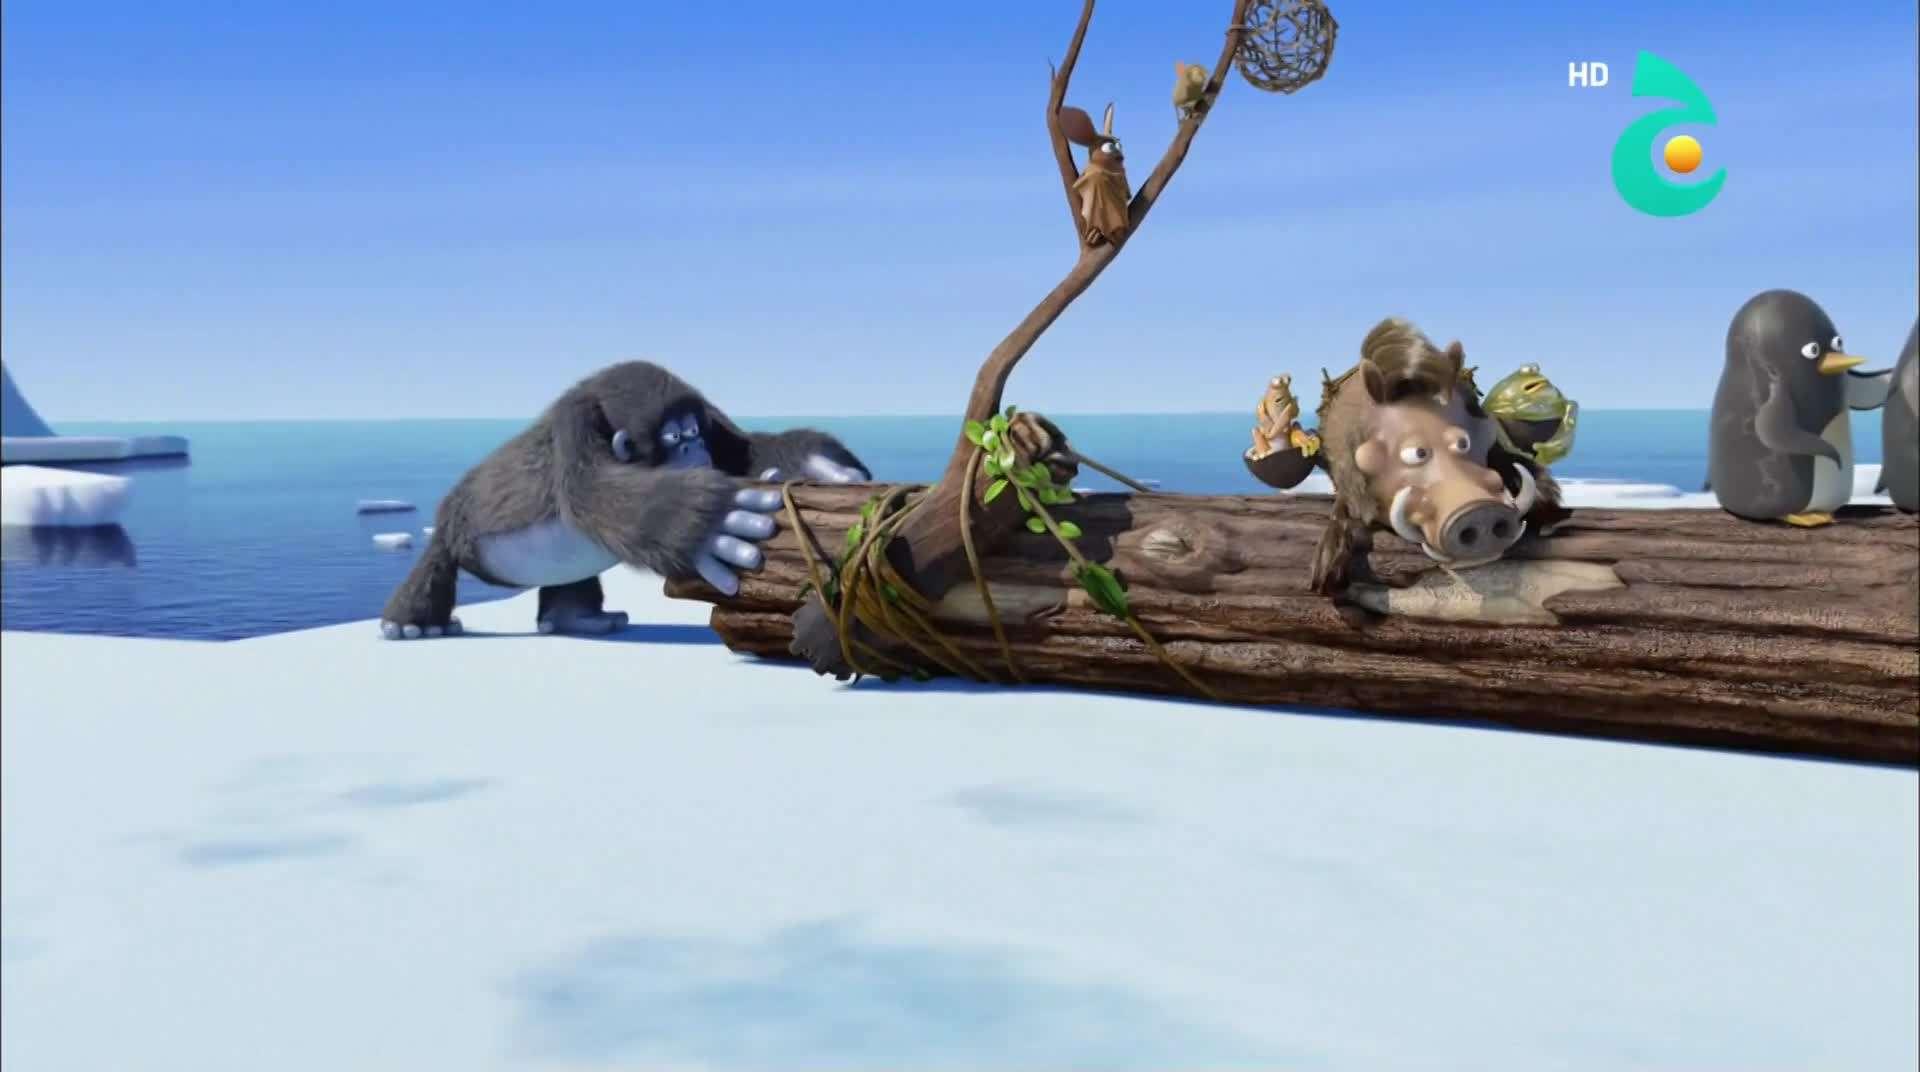 أسطورة النمر المحارب The Jungle Bunch (2011) HDTV 1080p تحميل تورنت 9 arabp2p.com